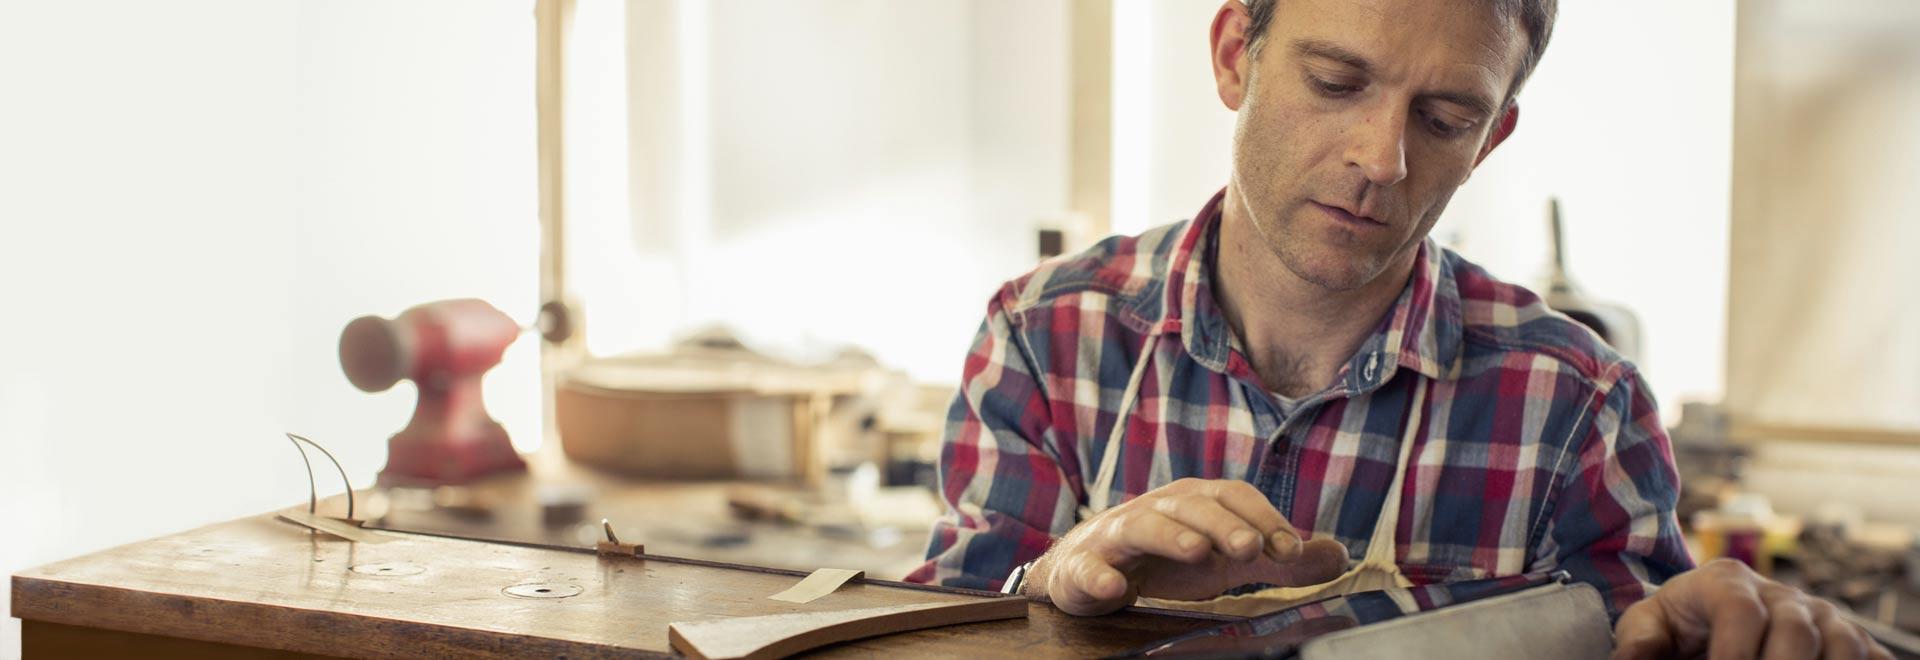 Người đàn ông trong buổi hội thảo đang dùng Office 365 Business trên máy tính bảng.